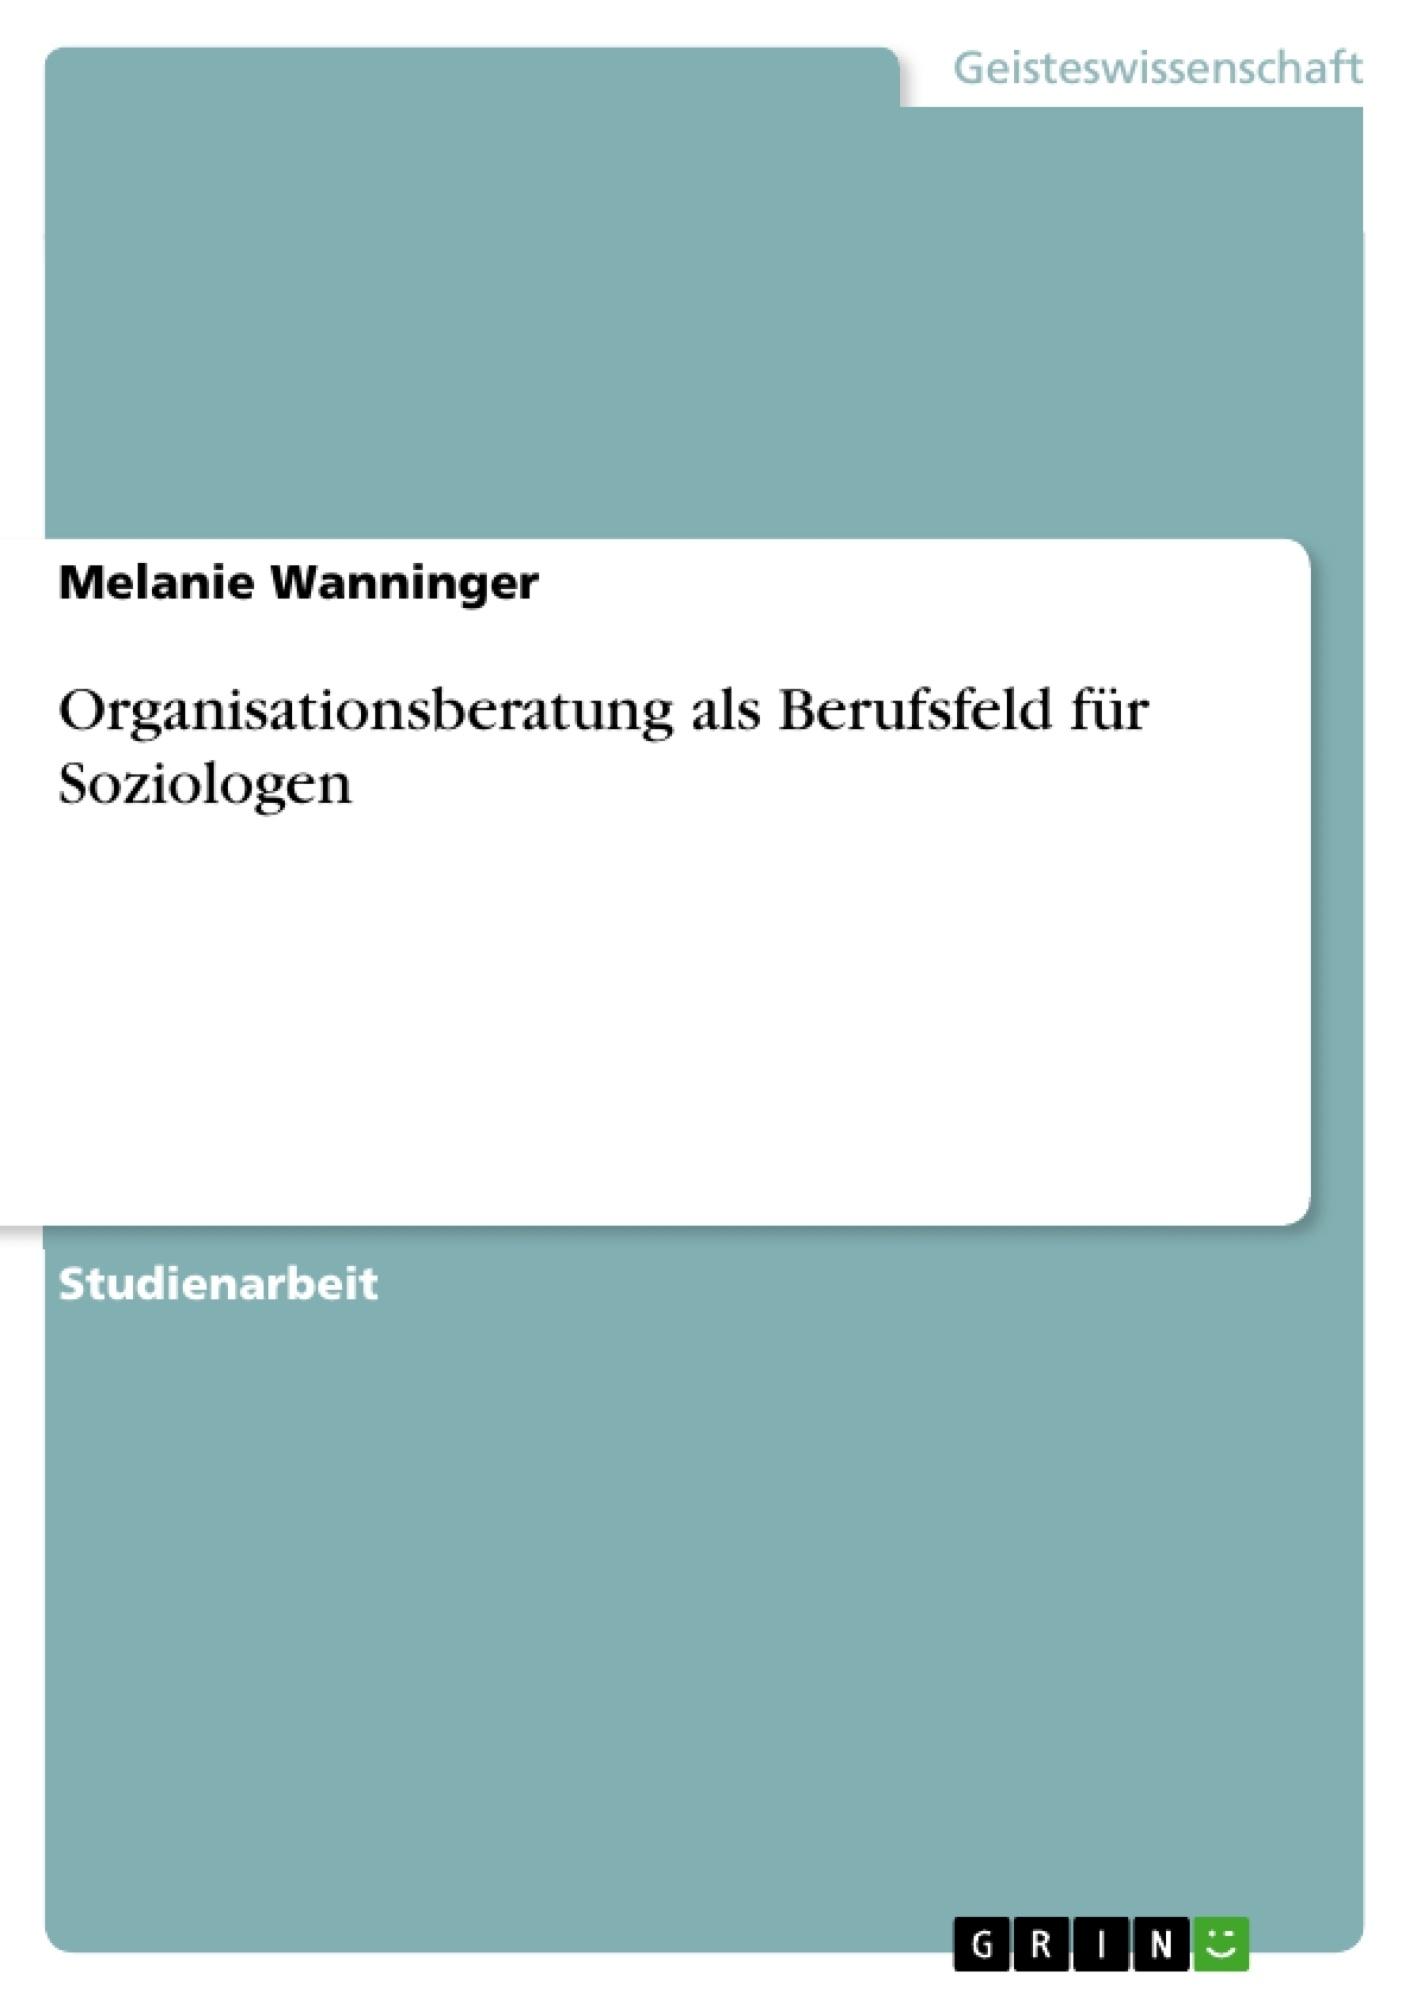 Titel: Organisationsberatung als Berufsfeld für Soziologen